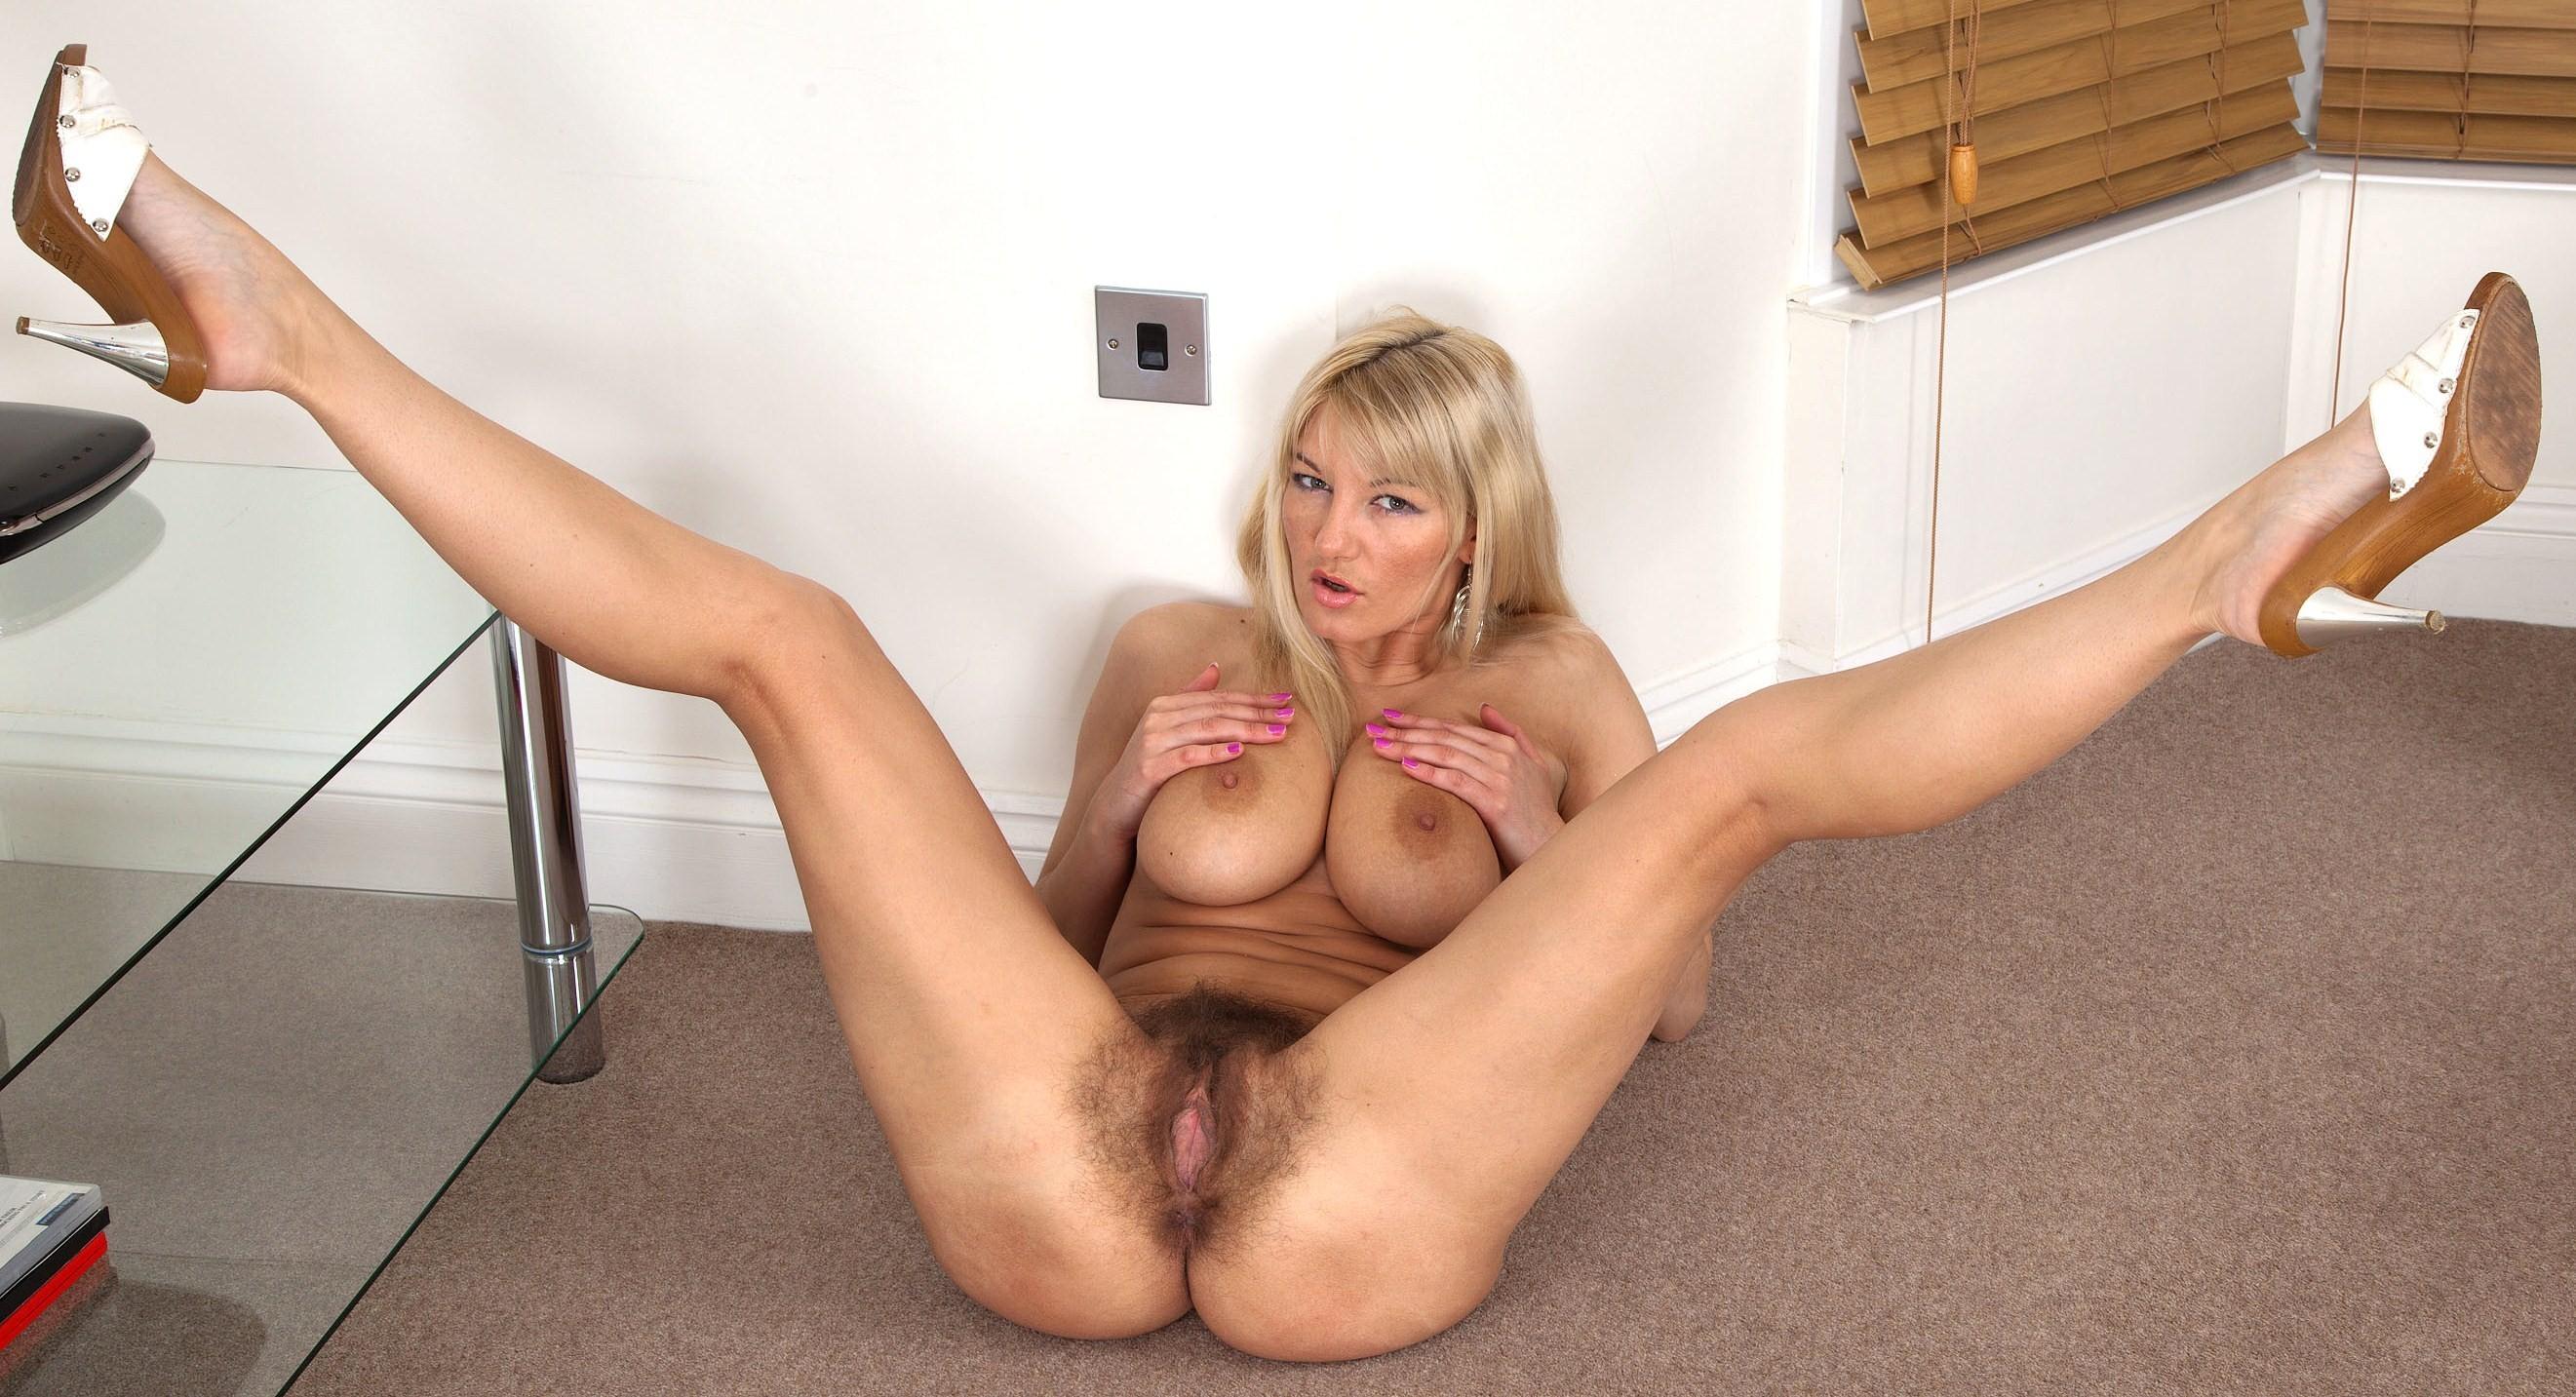 Раздвинула ноги чтобы показать пизду, Длинноногая блондинка раздвинула ноги и показала 10 фотография